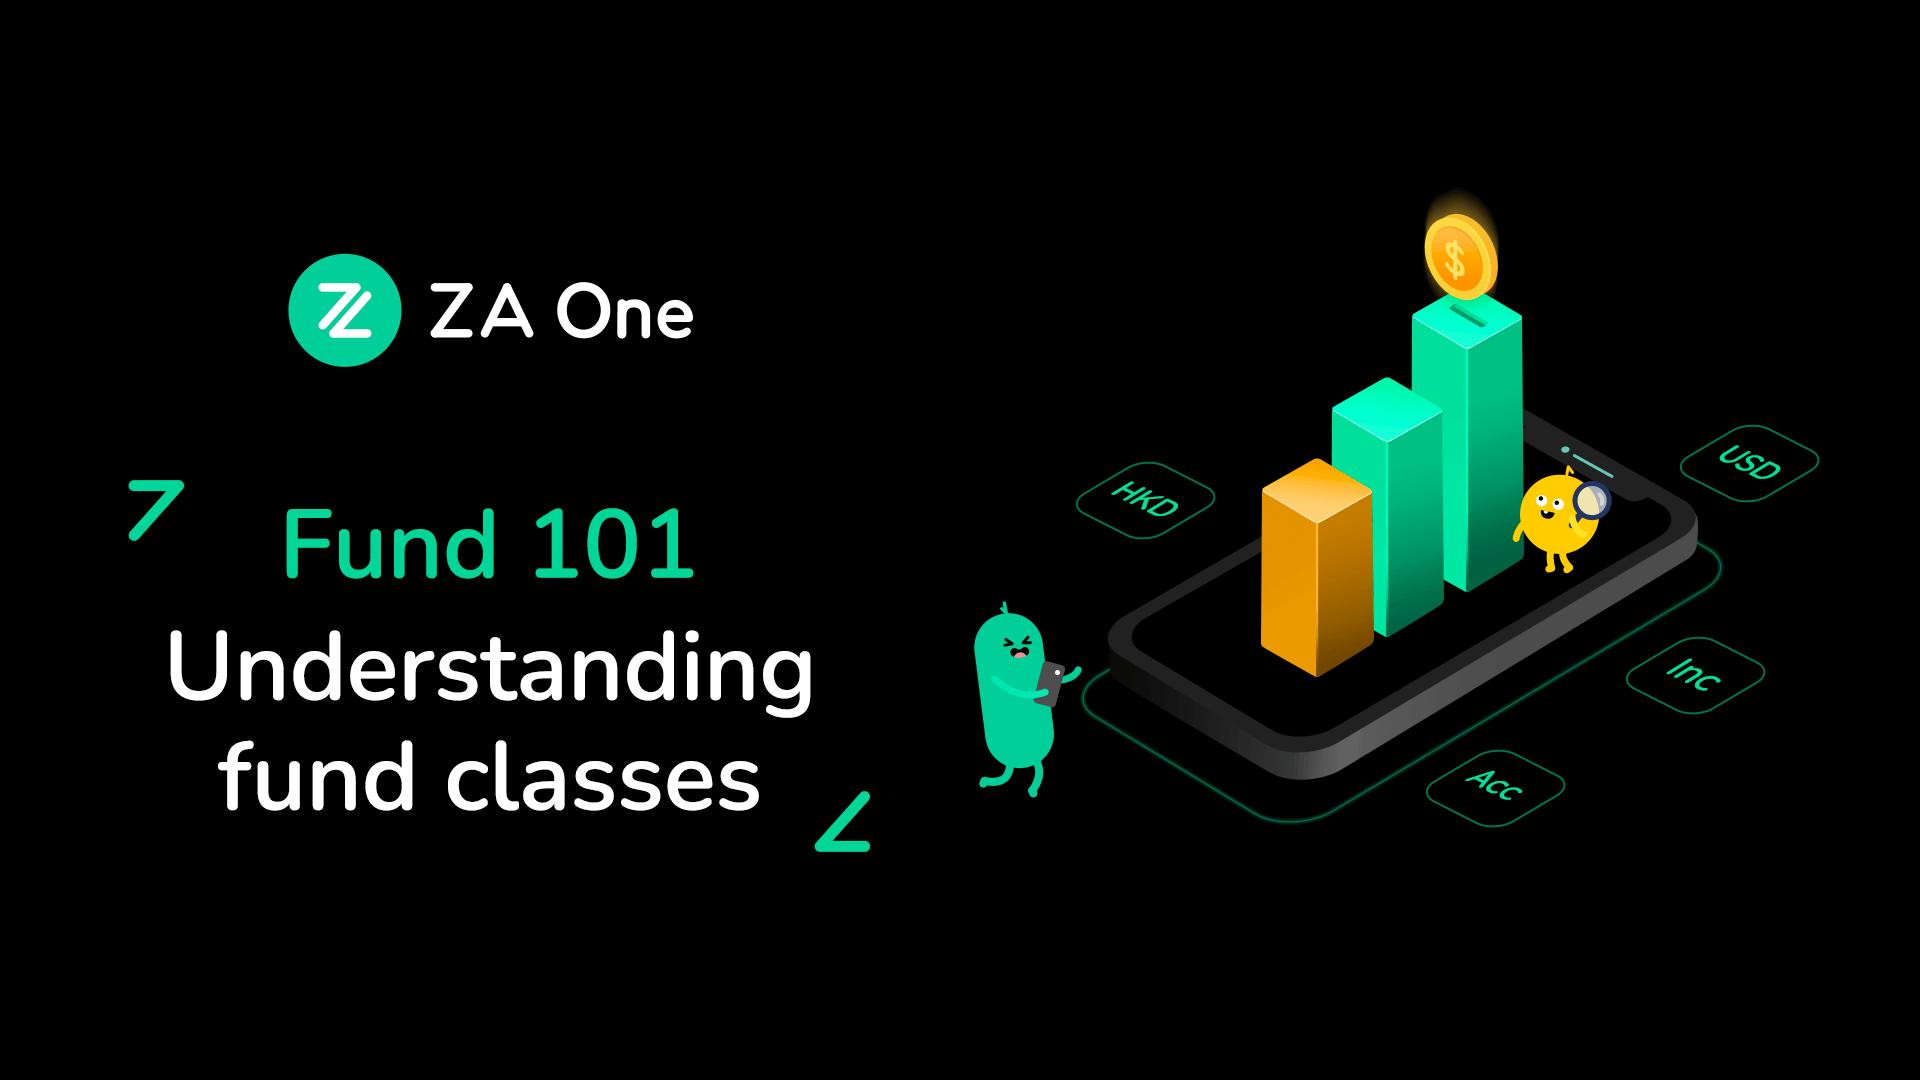 Fund 101 - Understanding fund classes